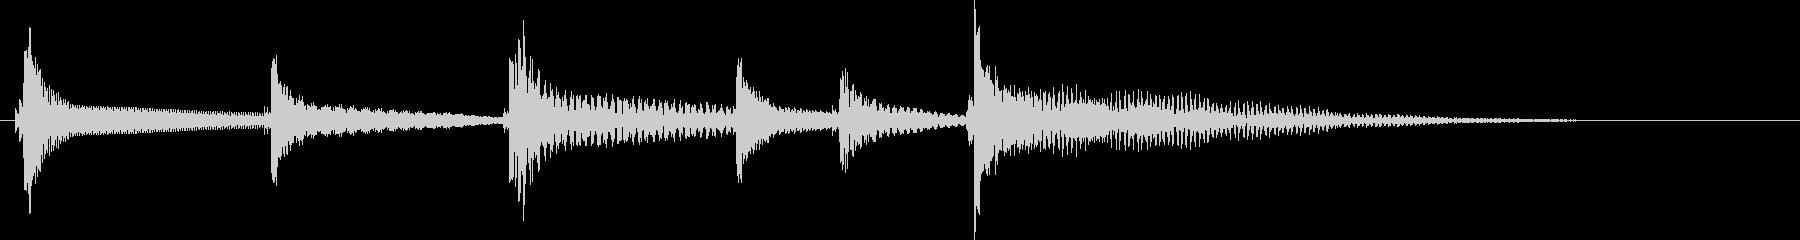 沖縄風ジングル2の未再生の波形